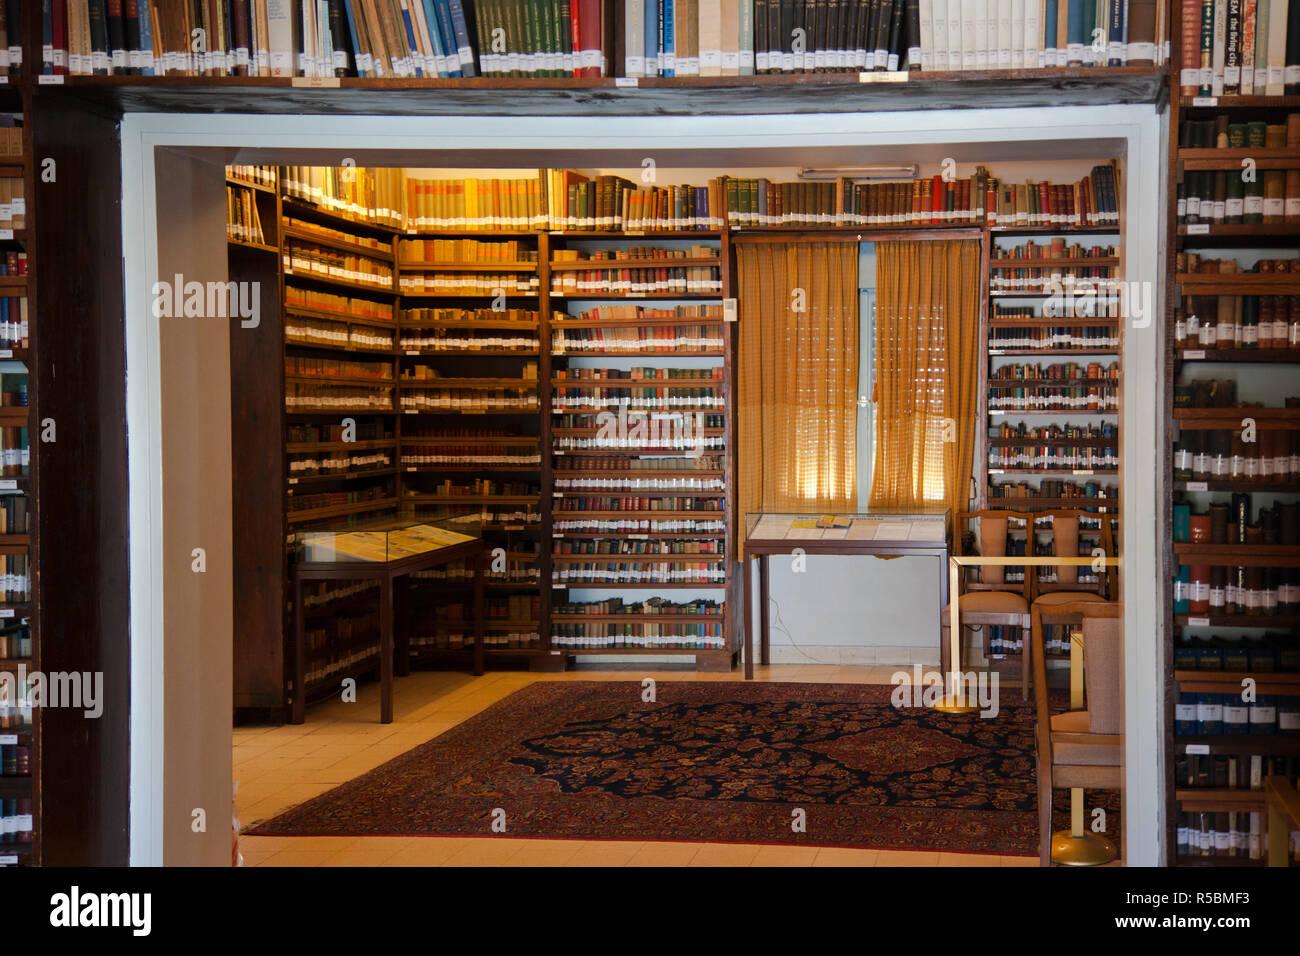 Israel, Tel Aviv, Ben Gurion Museum, former home of first Israeli Prime Minister, David Ben Gurion, library - Stock Image